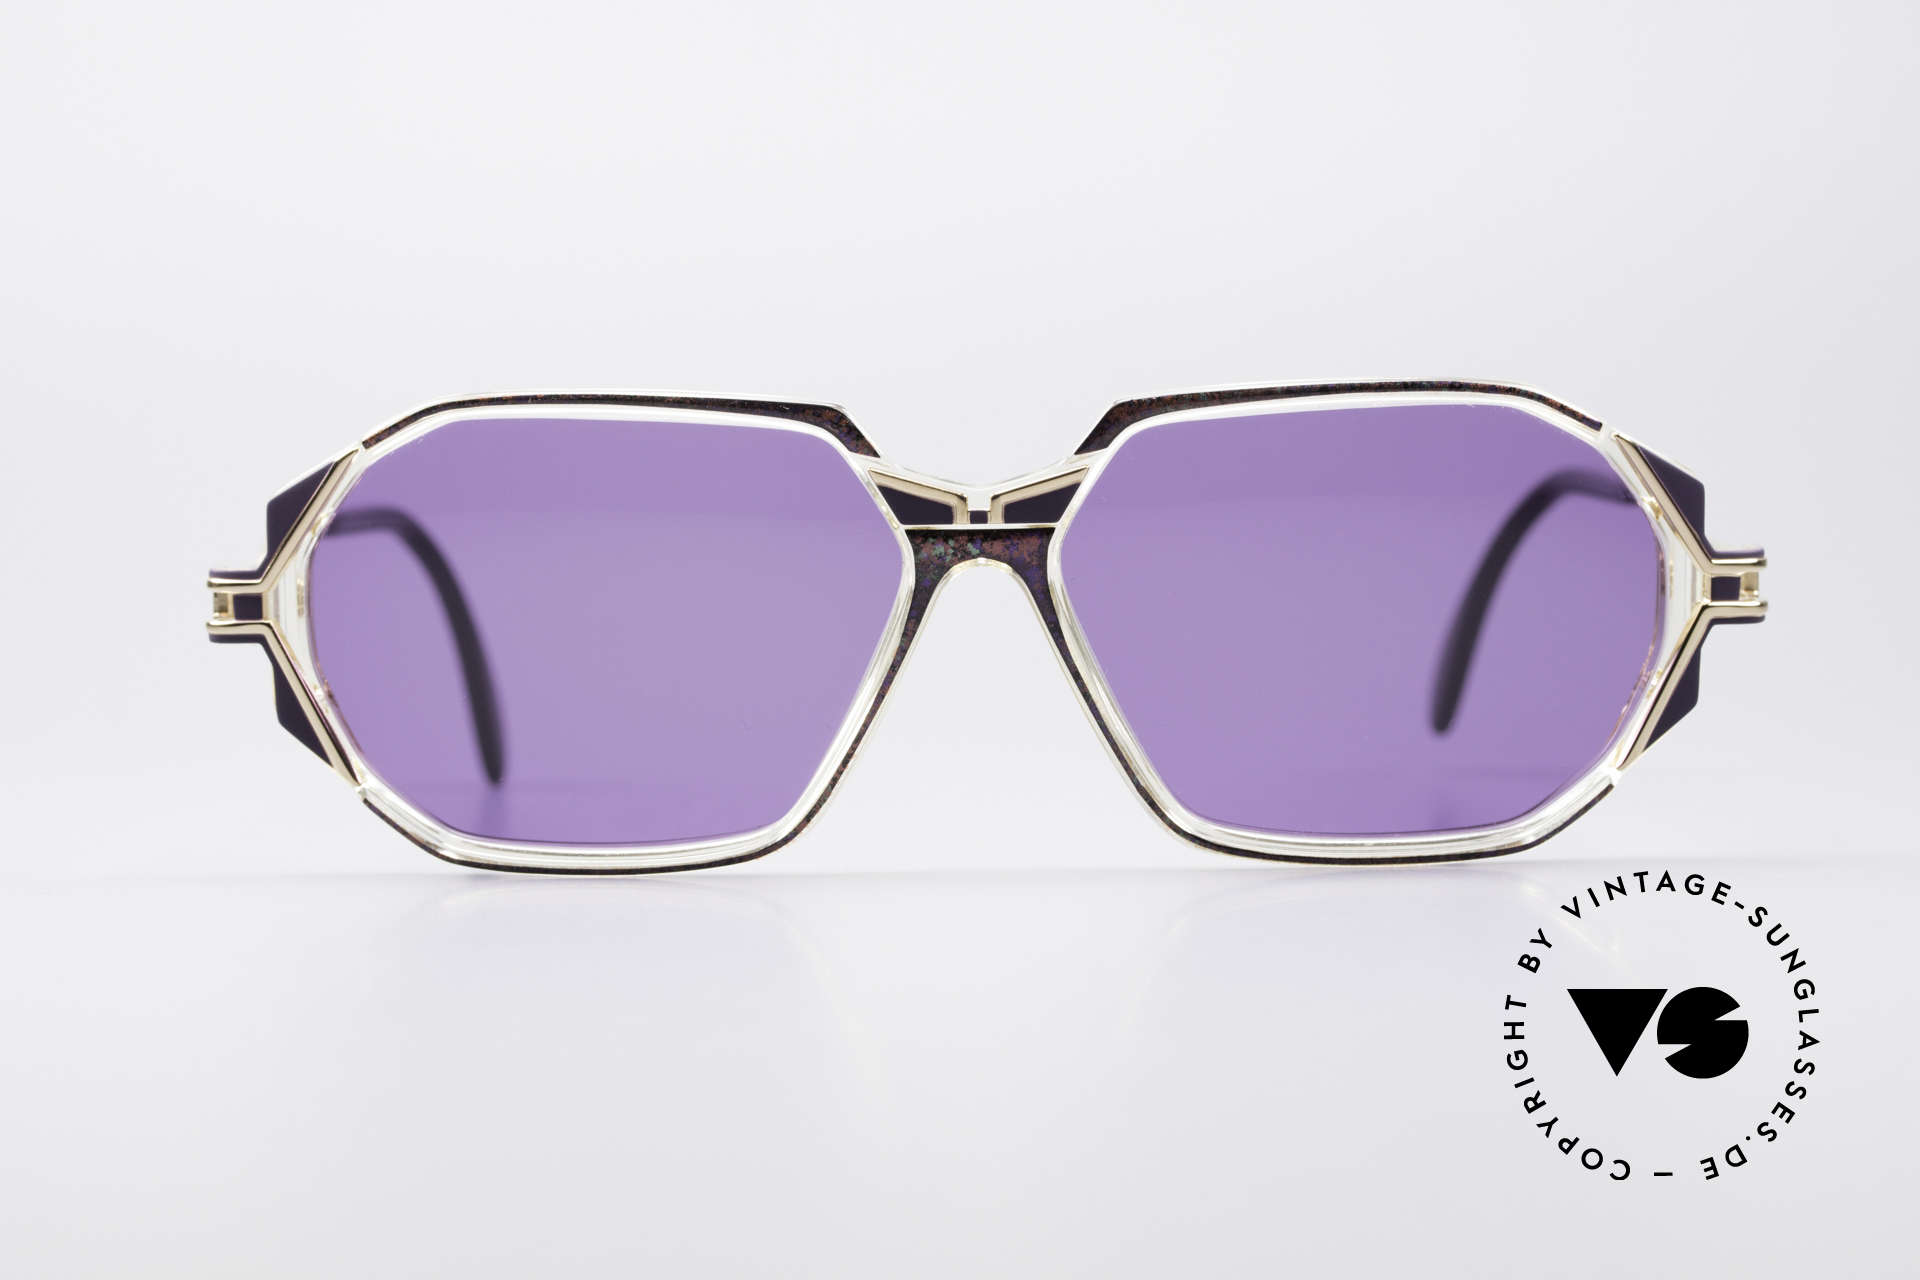 Cazal 361 Original 90er Sonnenbrille, tolle Gestaltung der Bügelgelenke & Rahmenmuster, Passend für Damen